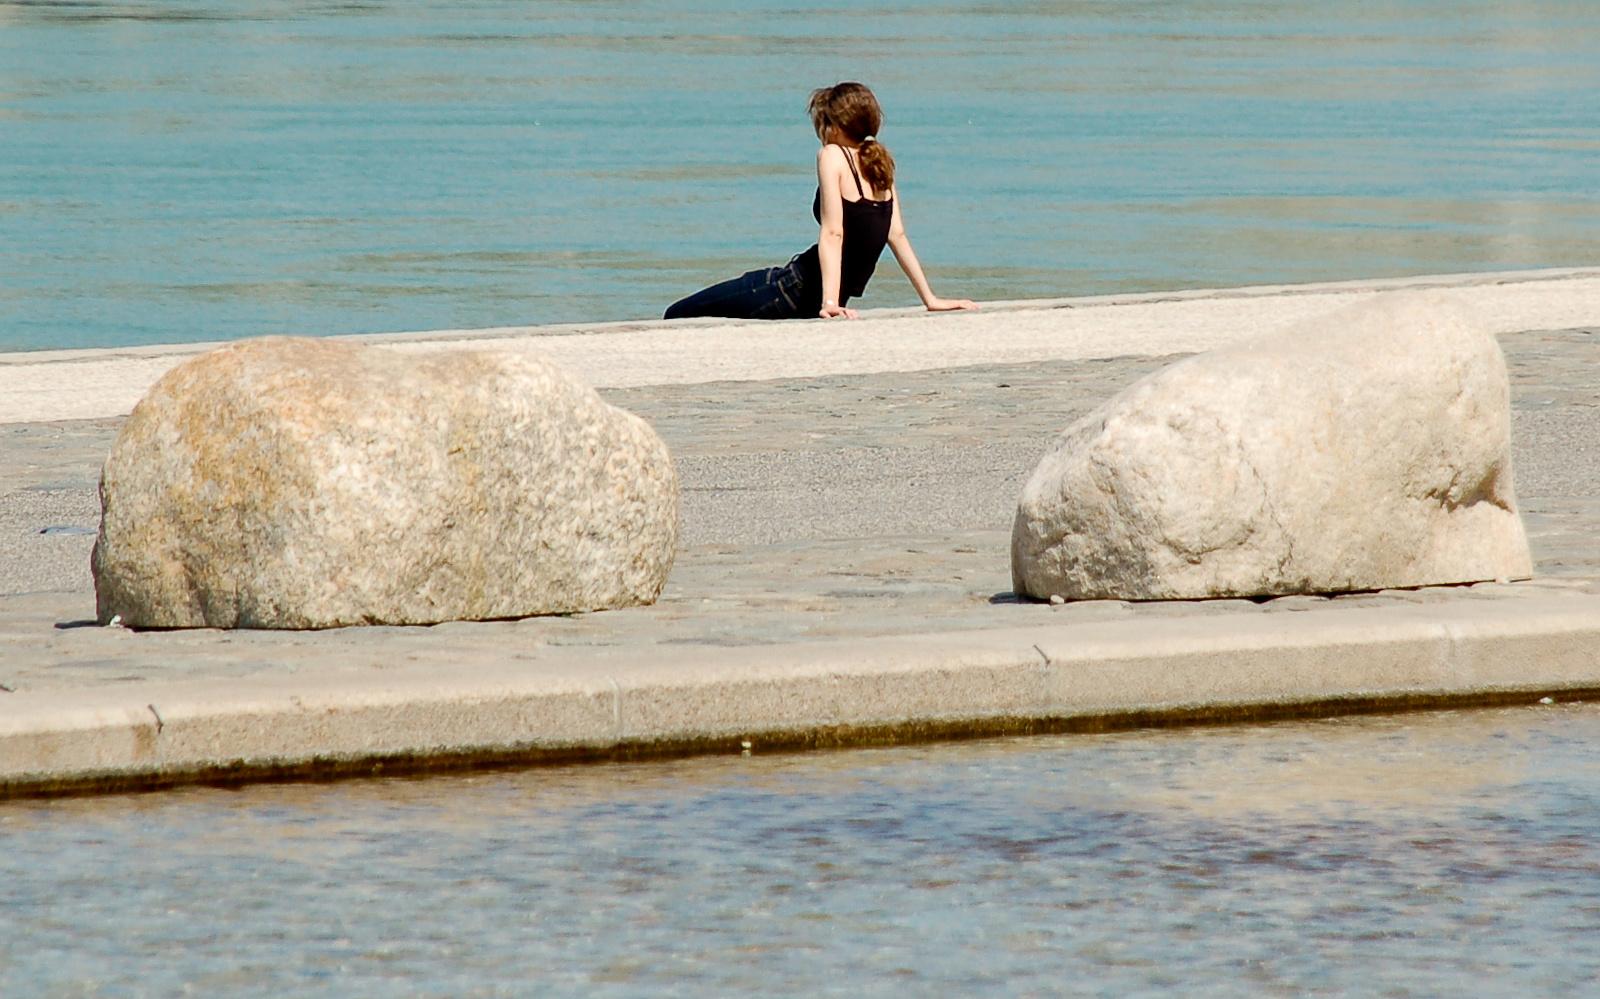 Víz, kövek és egy lány